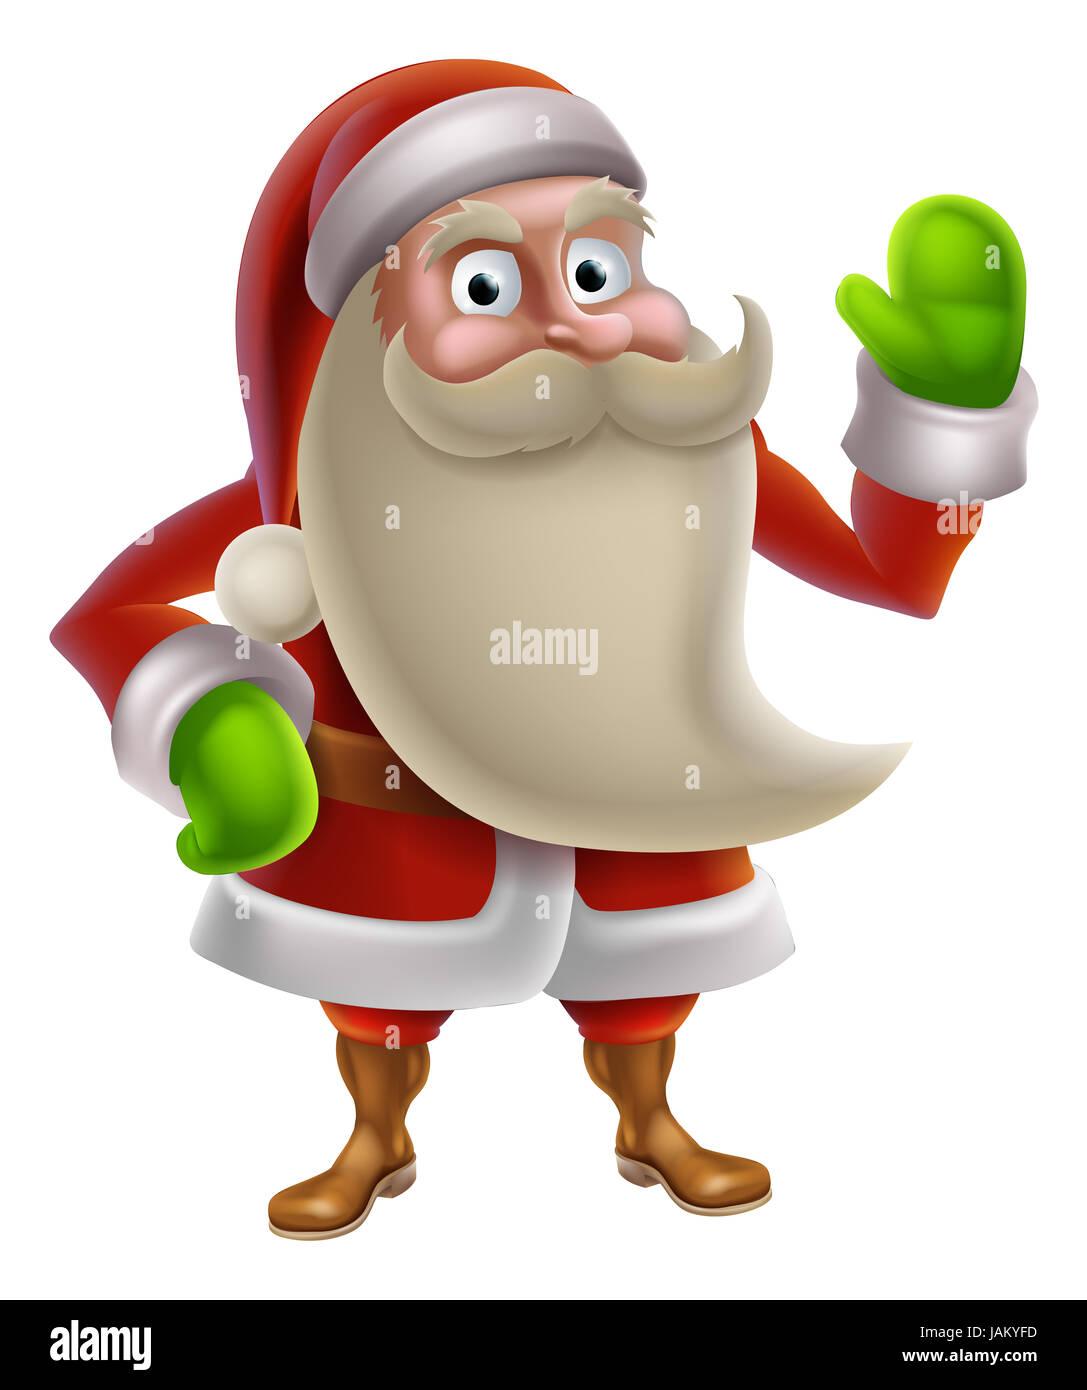 Clipart Christmas Clipart Christmas Stockfotos & Clipart Christmas ...